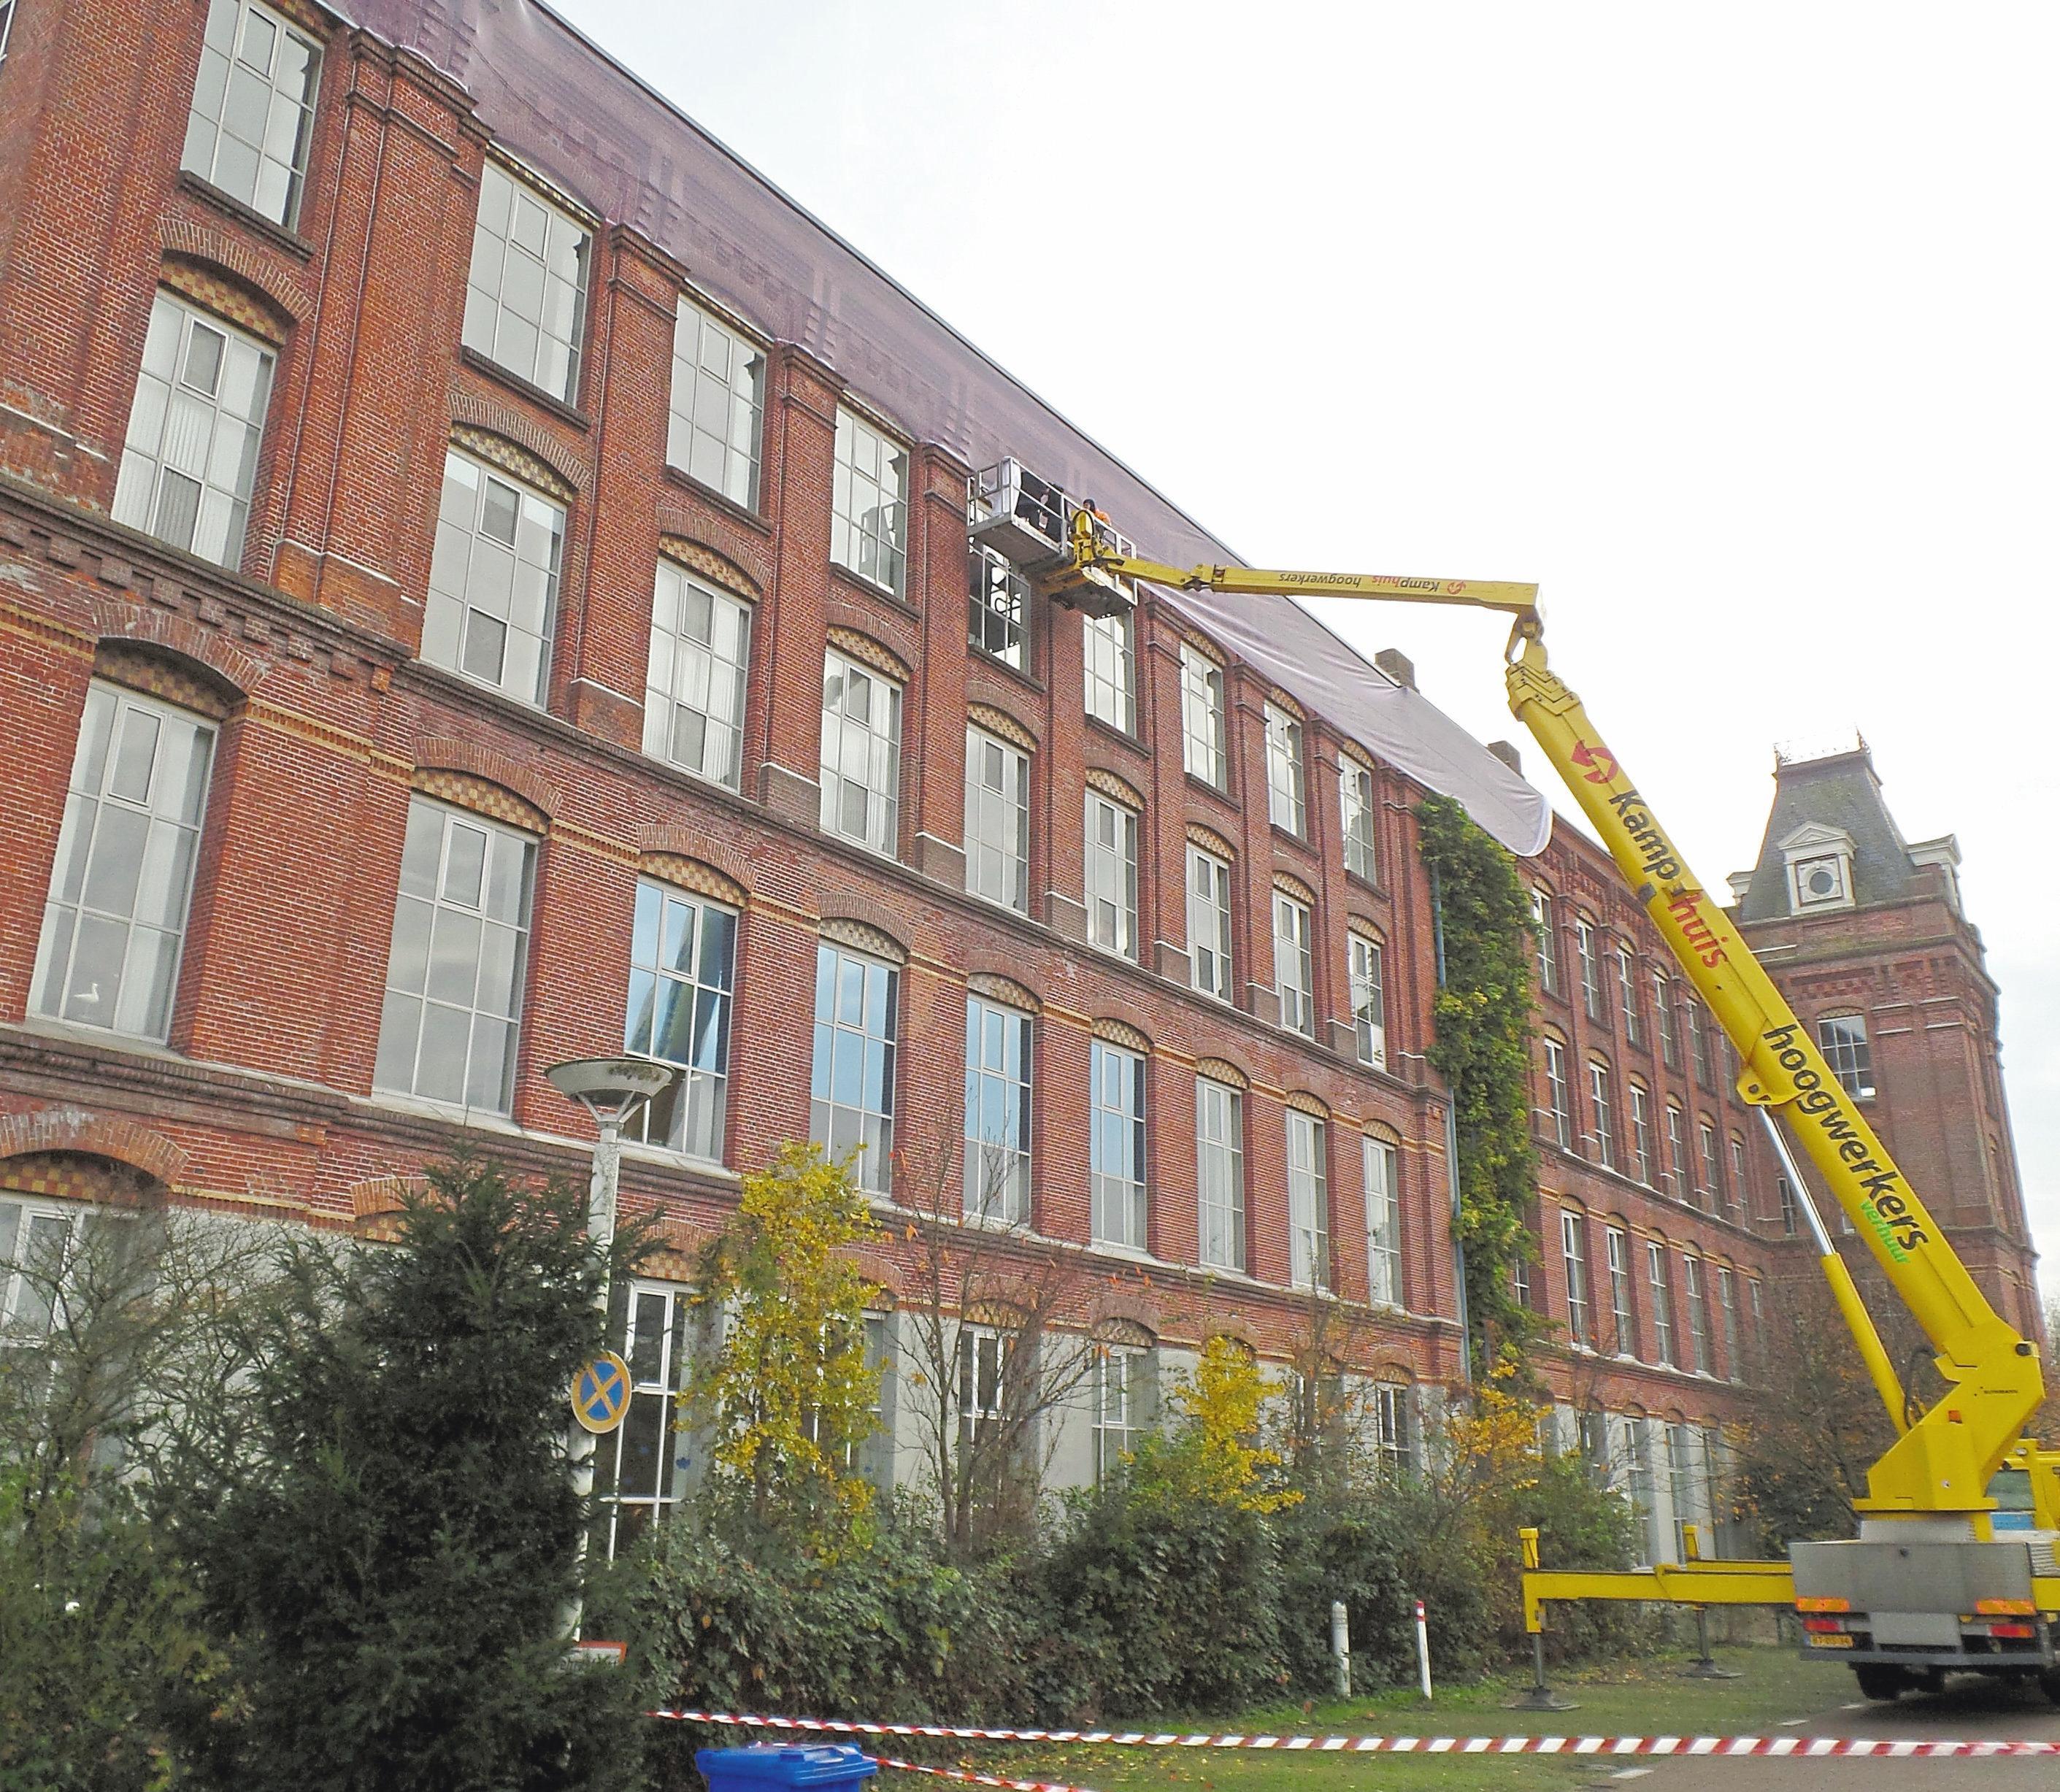 Von 2015 bis 2019 wurde die Fassade des Gebäudes in verschiedenen Bauabschnitten saniert.